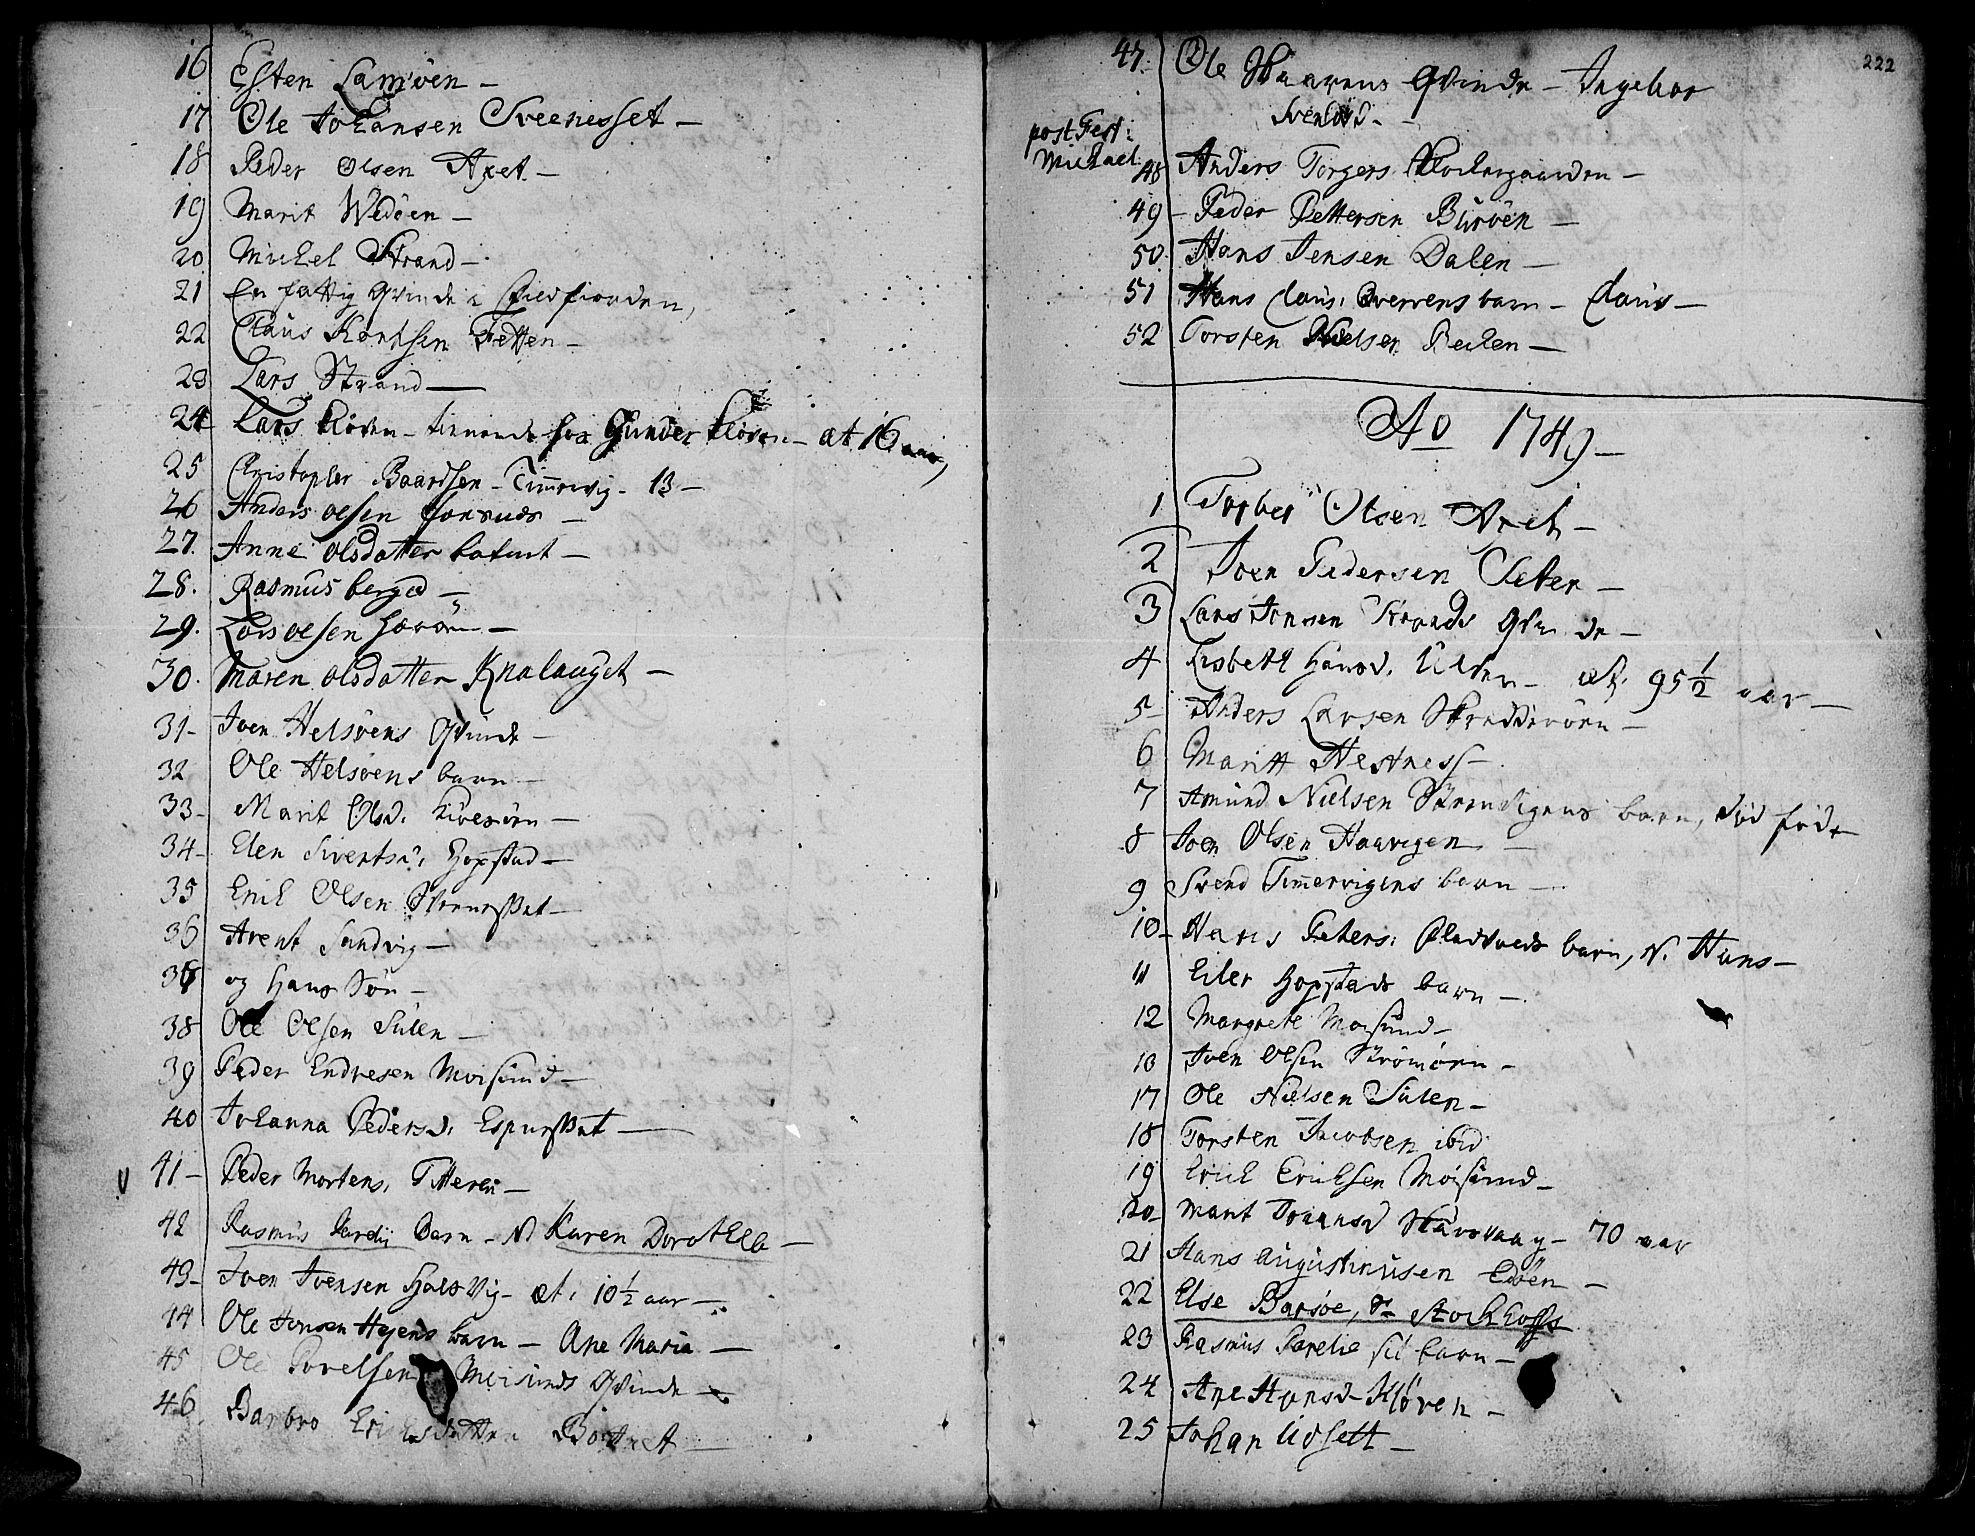 SAT, Ministerialprotokoller, klokkerbøker og fødselsregistre - Sør-Trøndelag, 634/L0525: Ministerialbok nr. 634A01, 1736-1775, s. 222